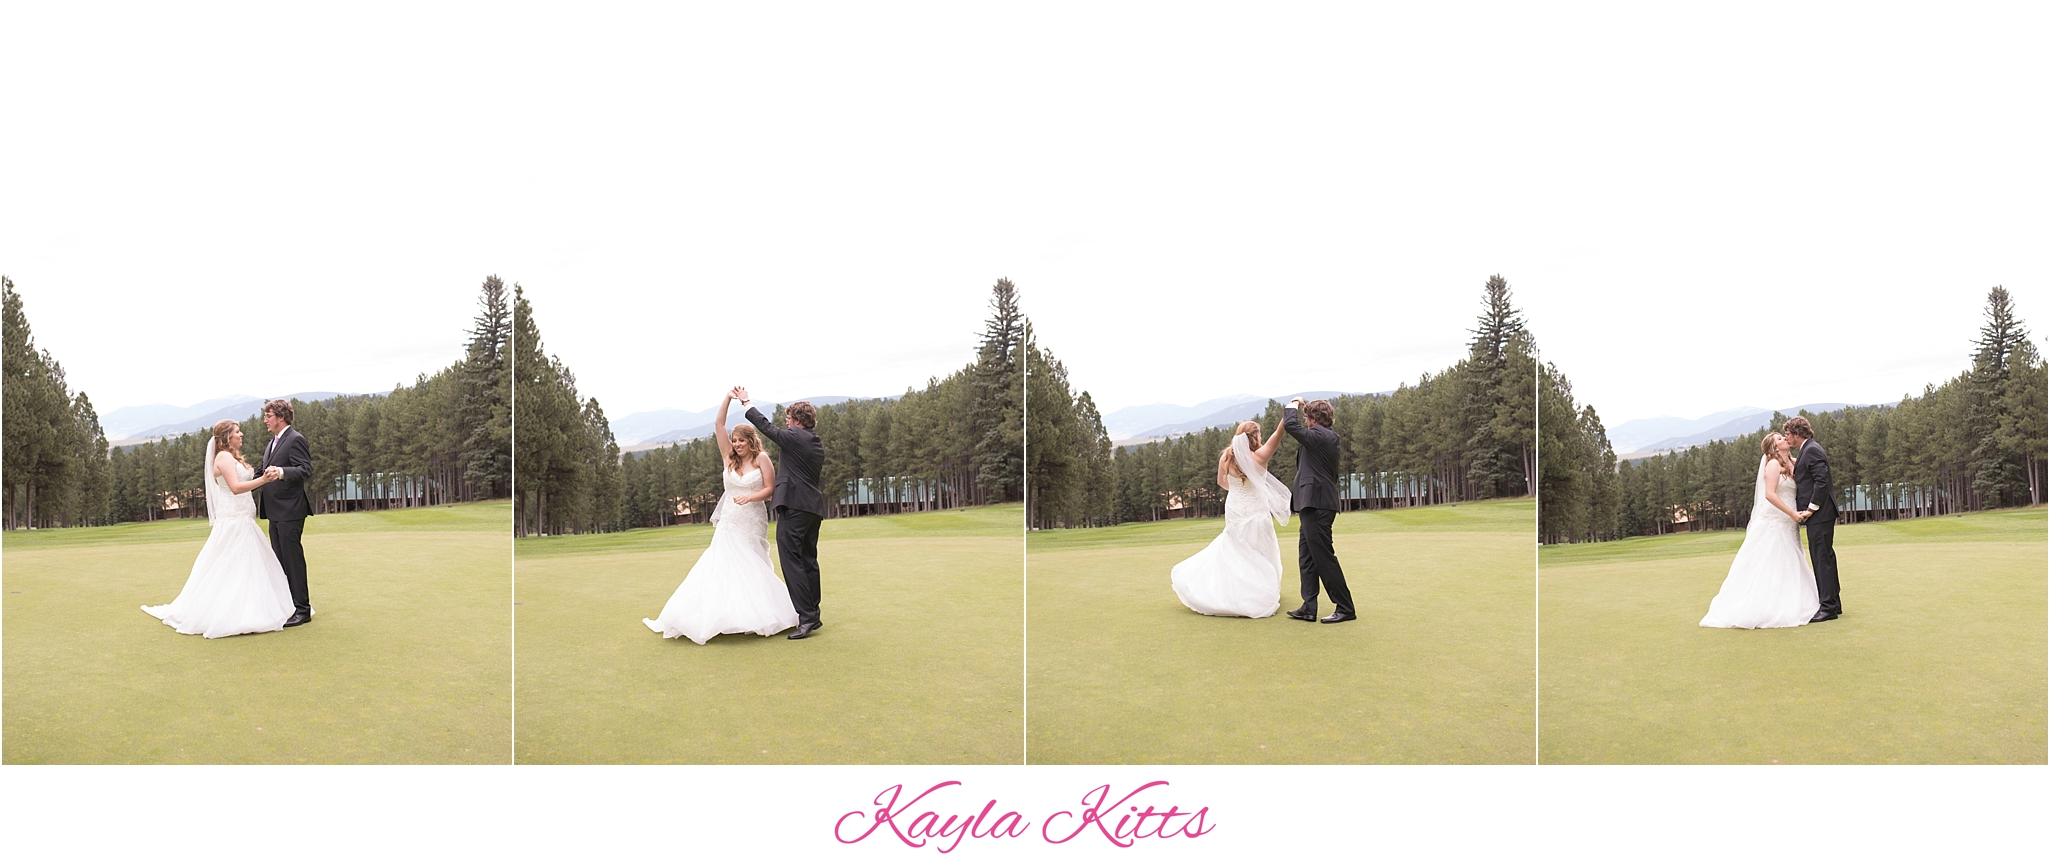 kayla kitts photography - albuquerque wedding photographer - angel fire wedding photographer - angel fire country club - albuquerque venue - casa de suenos - hotel albuquerque wedding - new mexico wedding photographer_0019.jpg